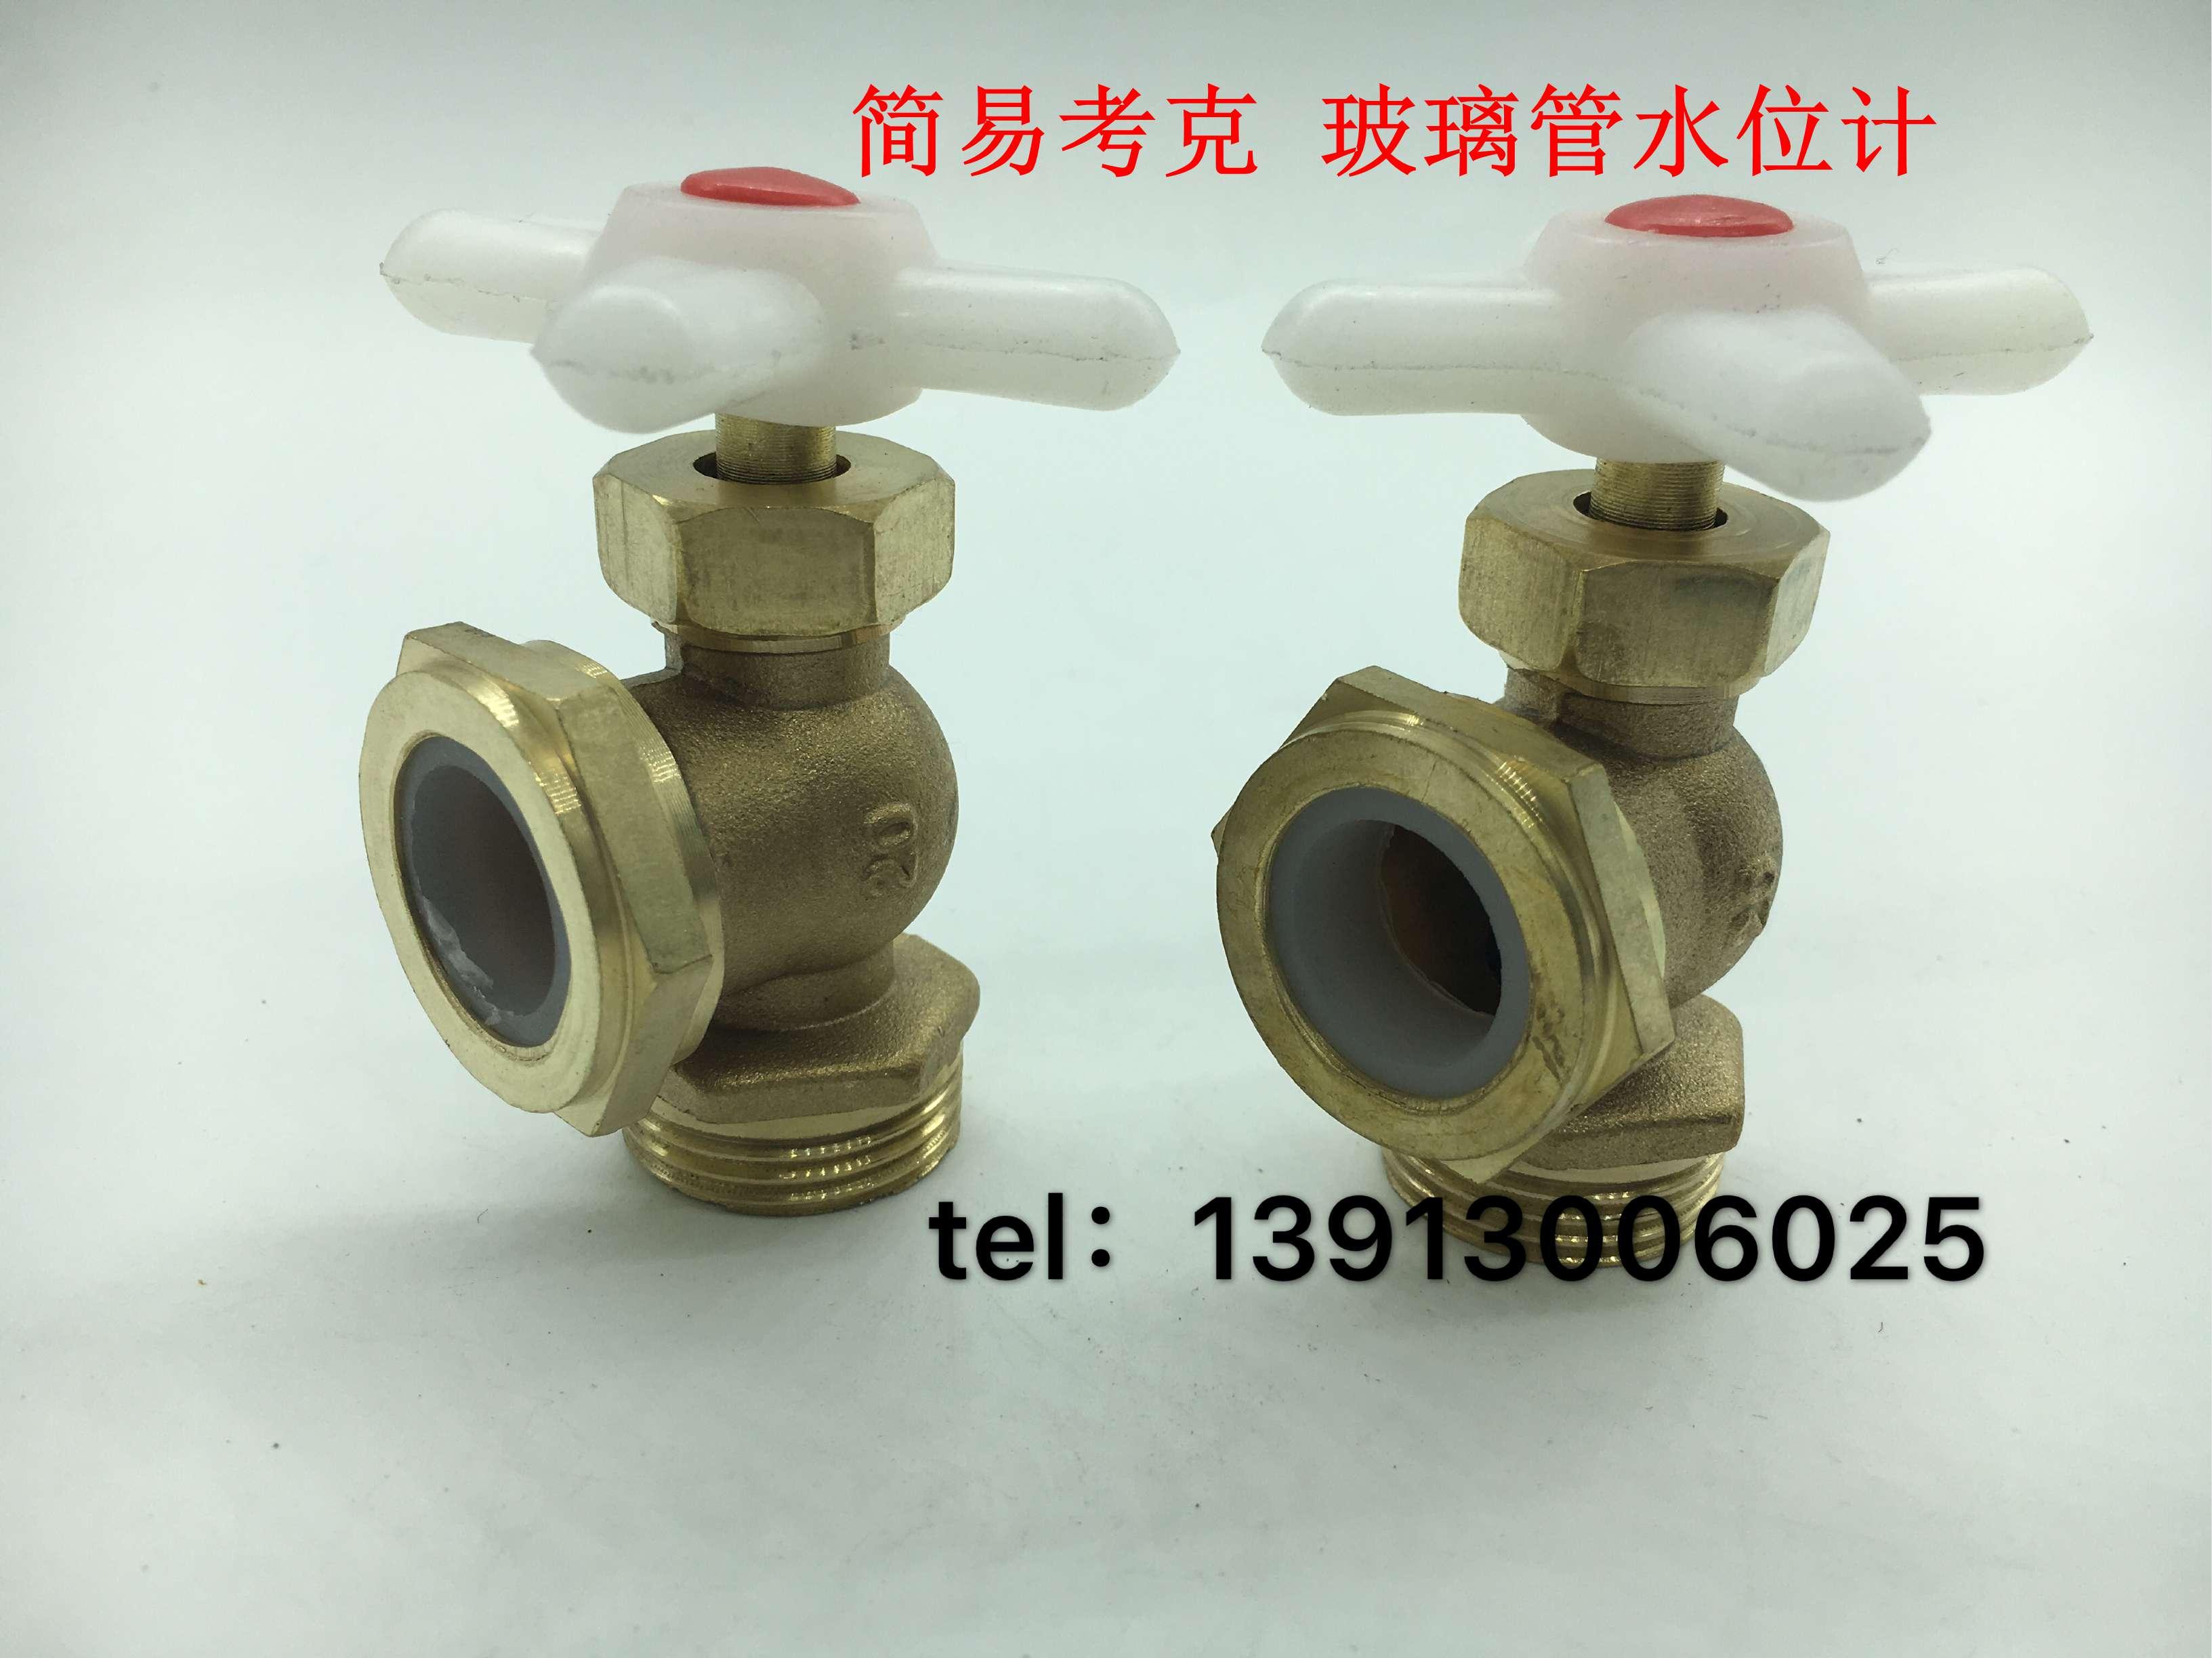 锅炉配件考克阀黄铜水位计锅炉玻璃管液位计旋塞液位计阀门DN1520